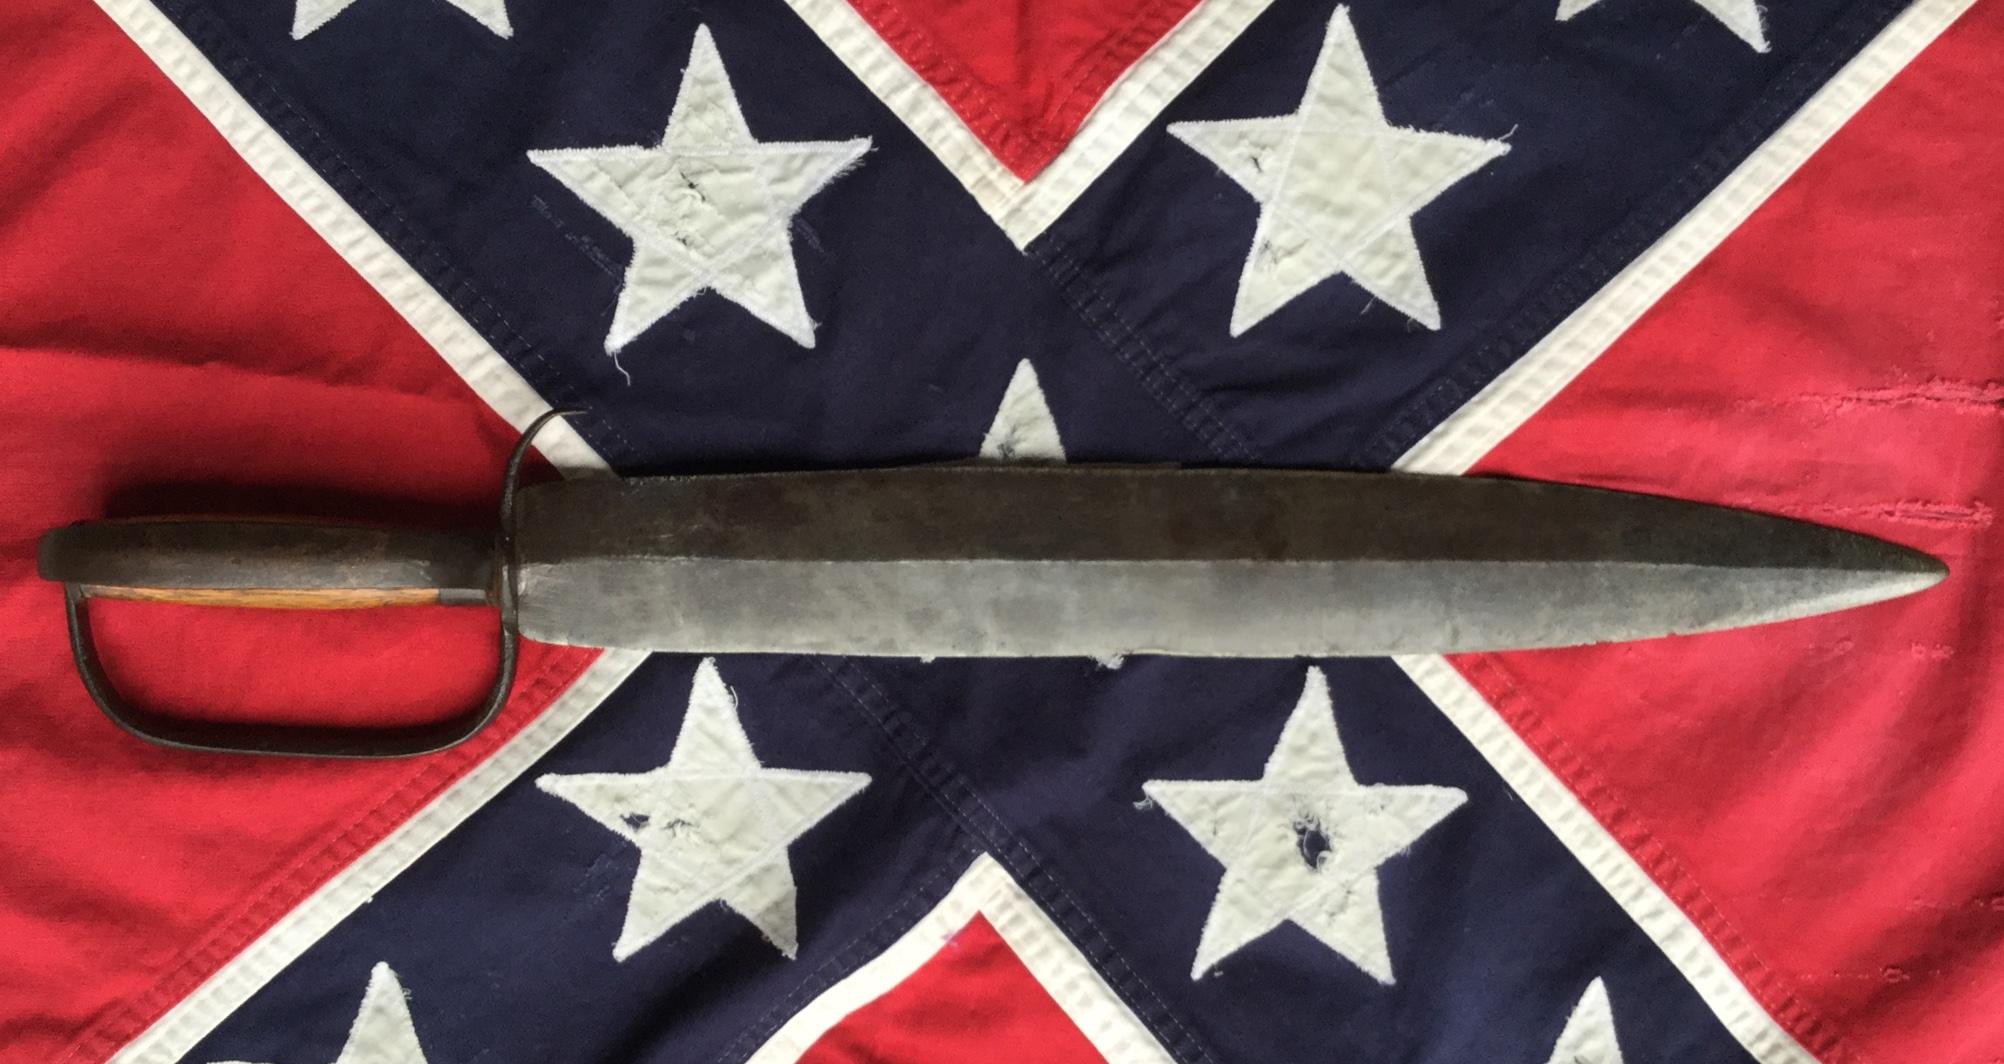 Double D-Guard Bowie Knife